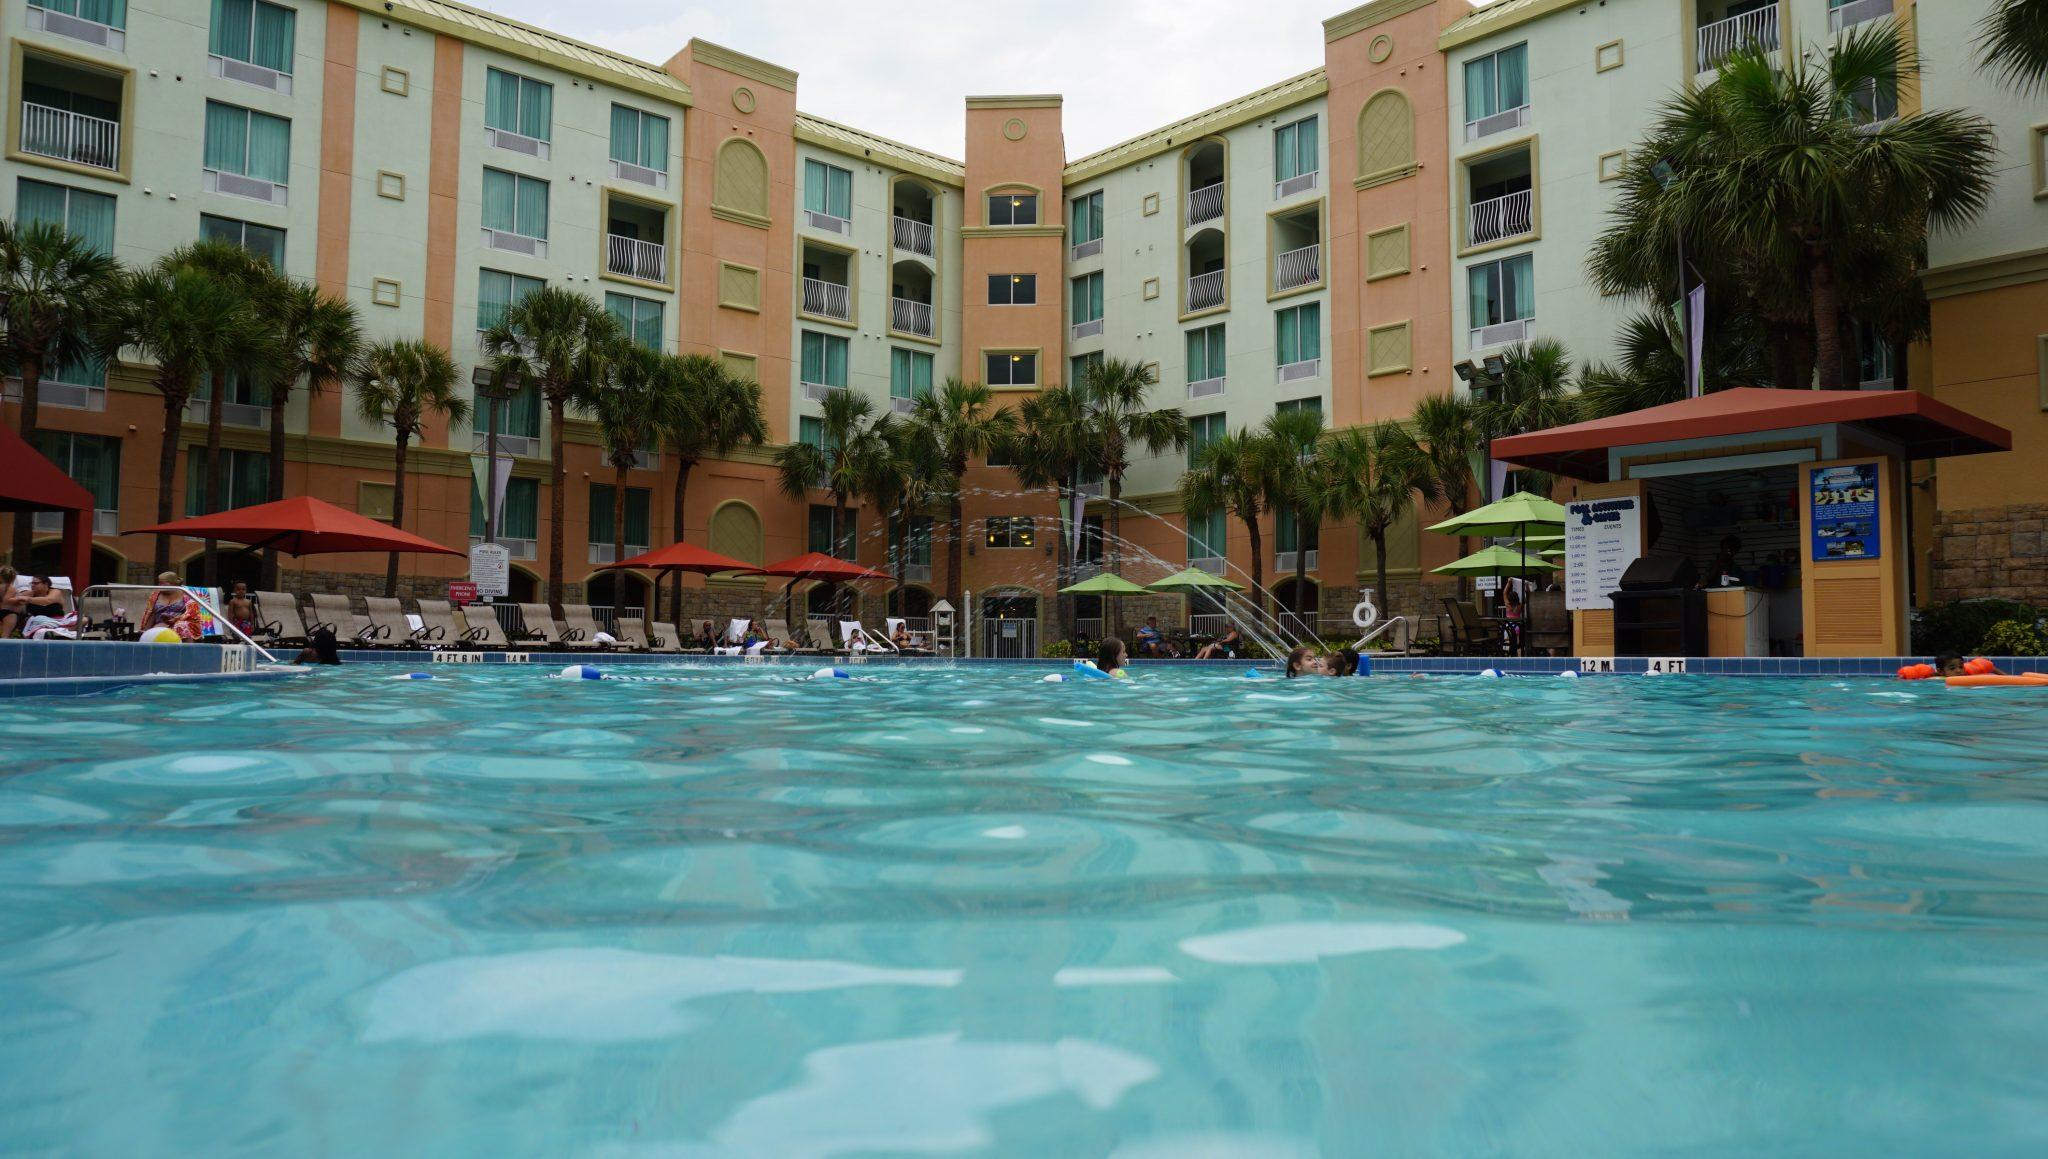 Make a Splash at the Holiday Inn Resort Orlando-Lake Buena Vista